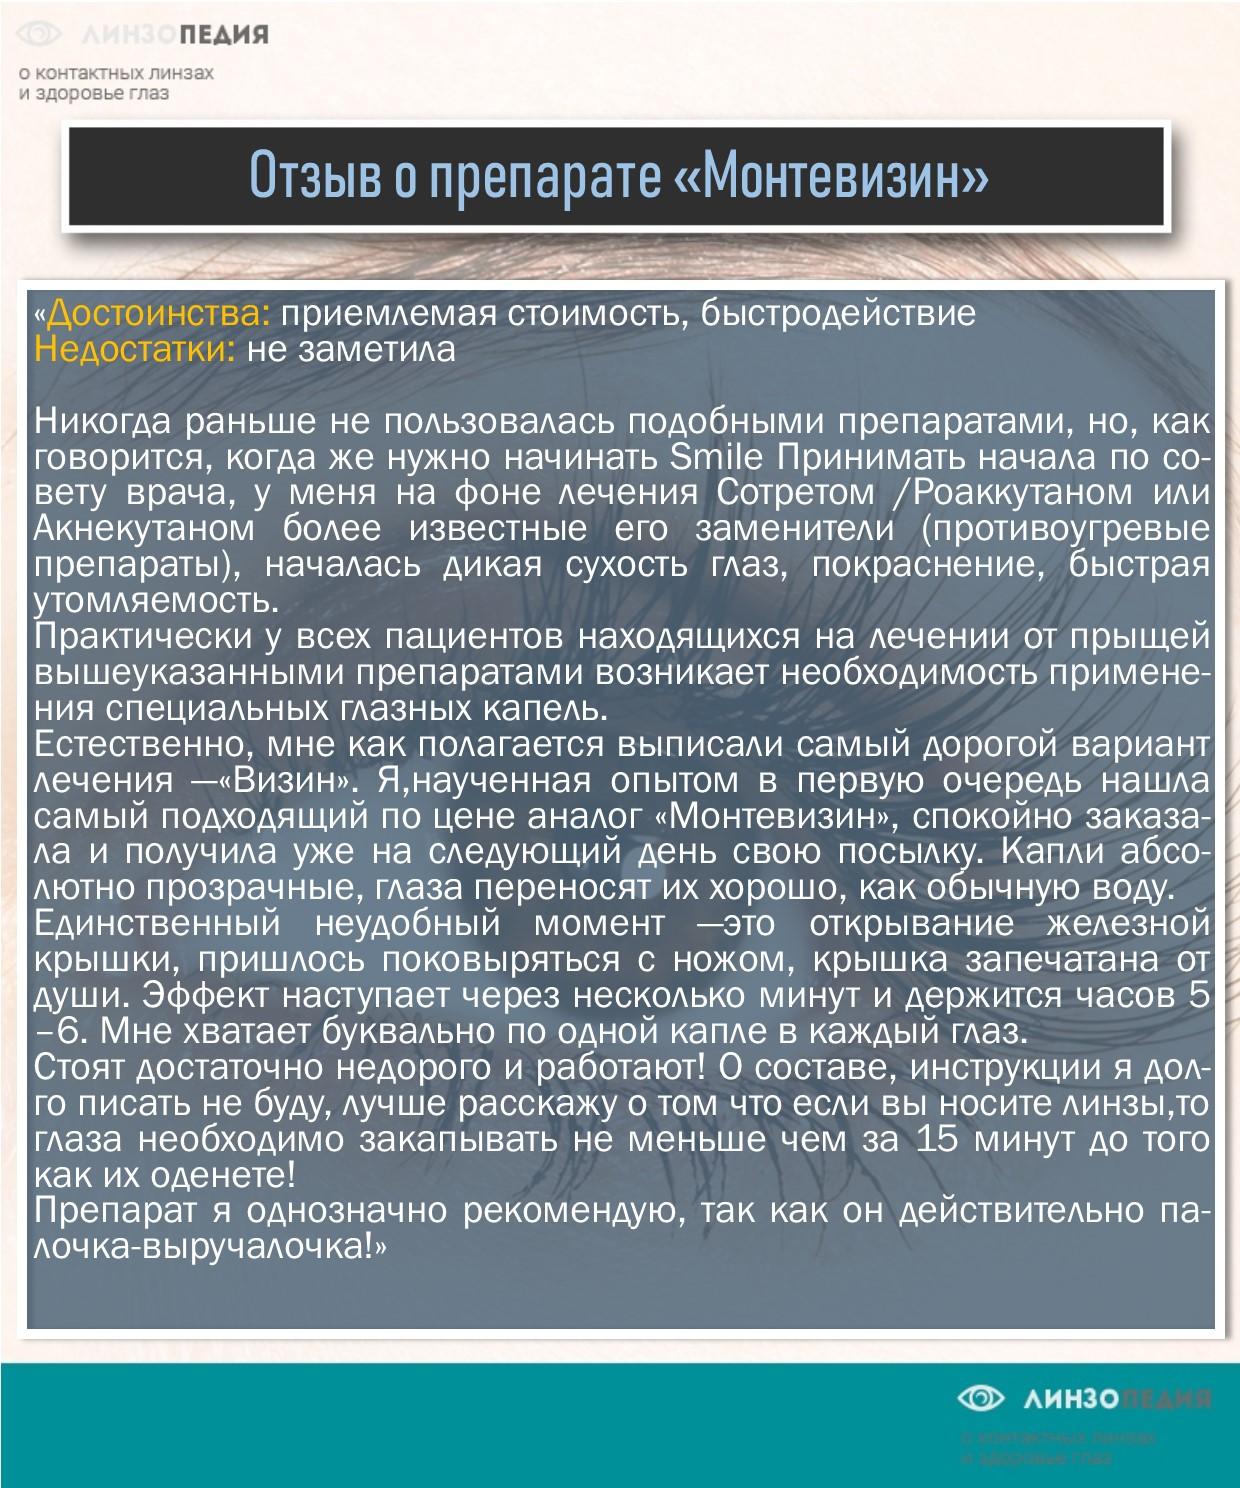 Отзыв о препарате «Монтевизин»